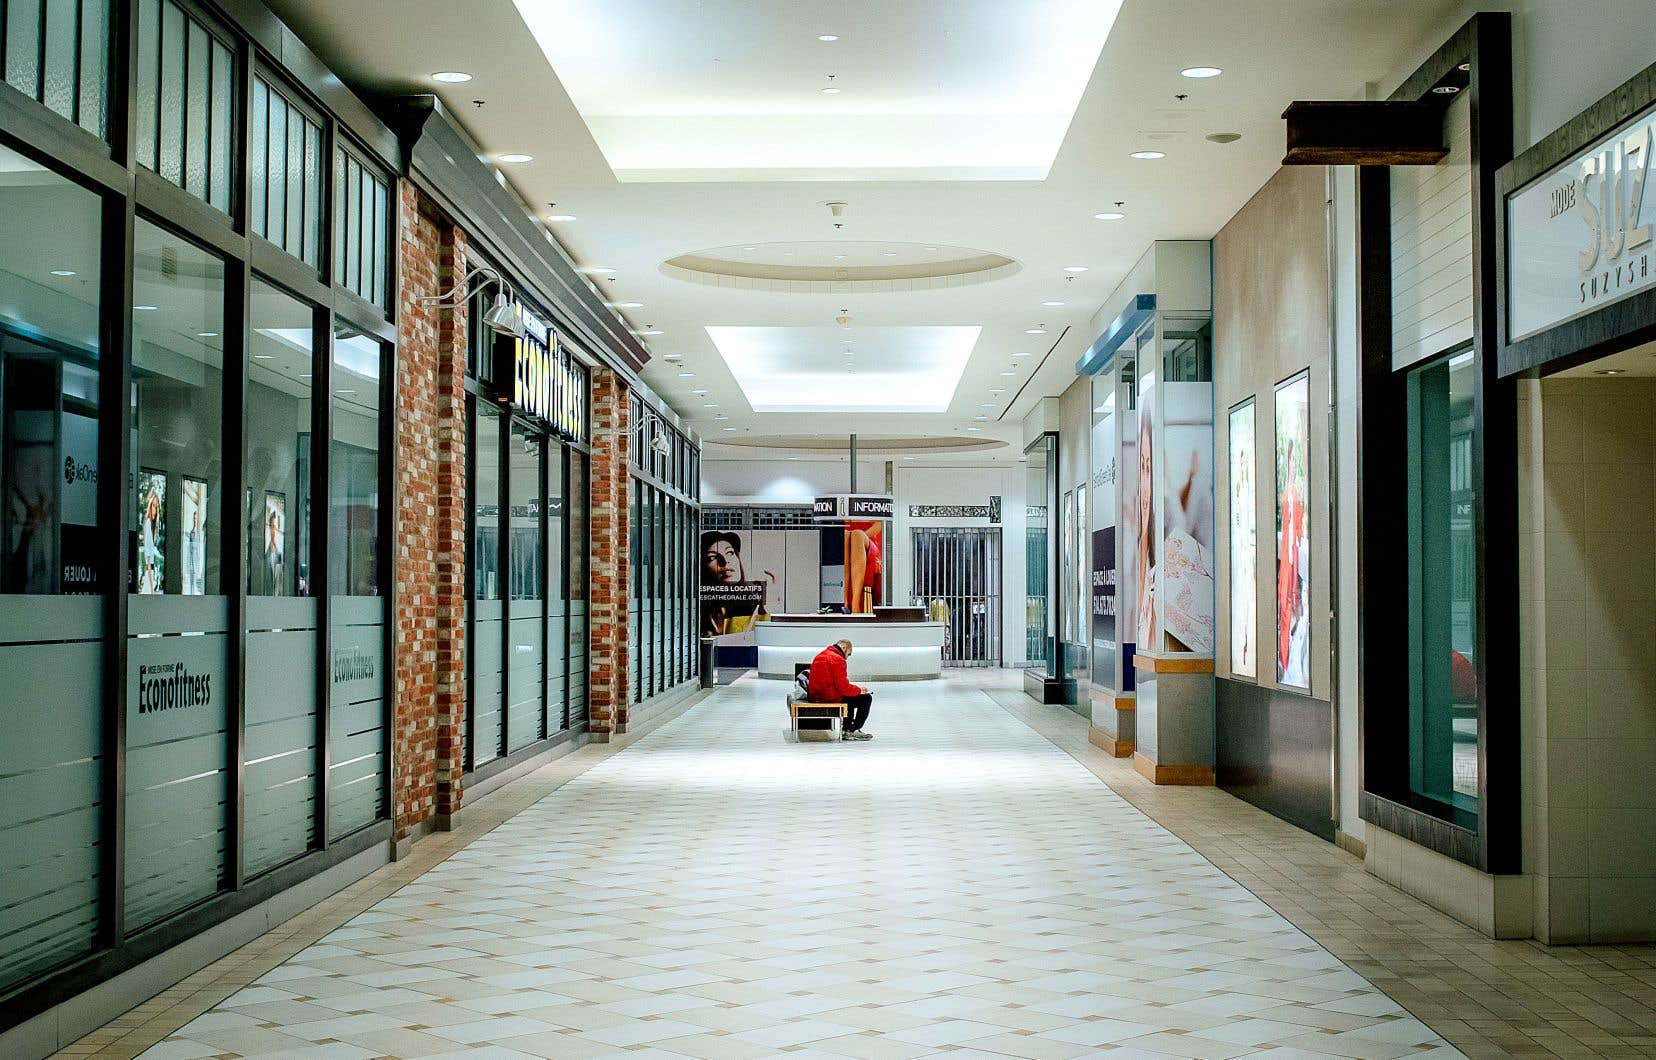 Tous les magasins des centres commerciaux qui ne sont pas dotés d'une porte extérieure devaient être fermés à partir de minuit, dans la nuit de dimanche à lundi, et ce, jusqu'au 1er mai, à l'exception des épiceries, des pharmacies et des succursales de la Société des alcools du Québec. Dimanche après-midi à Montréal (photo), les galeries marchandes étaient déjà presque désertes.